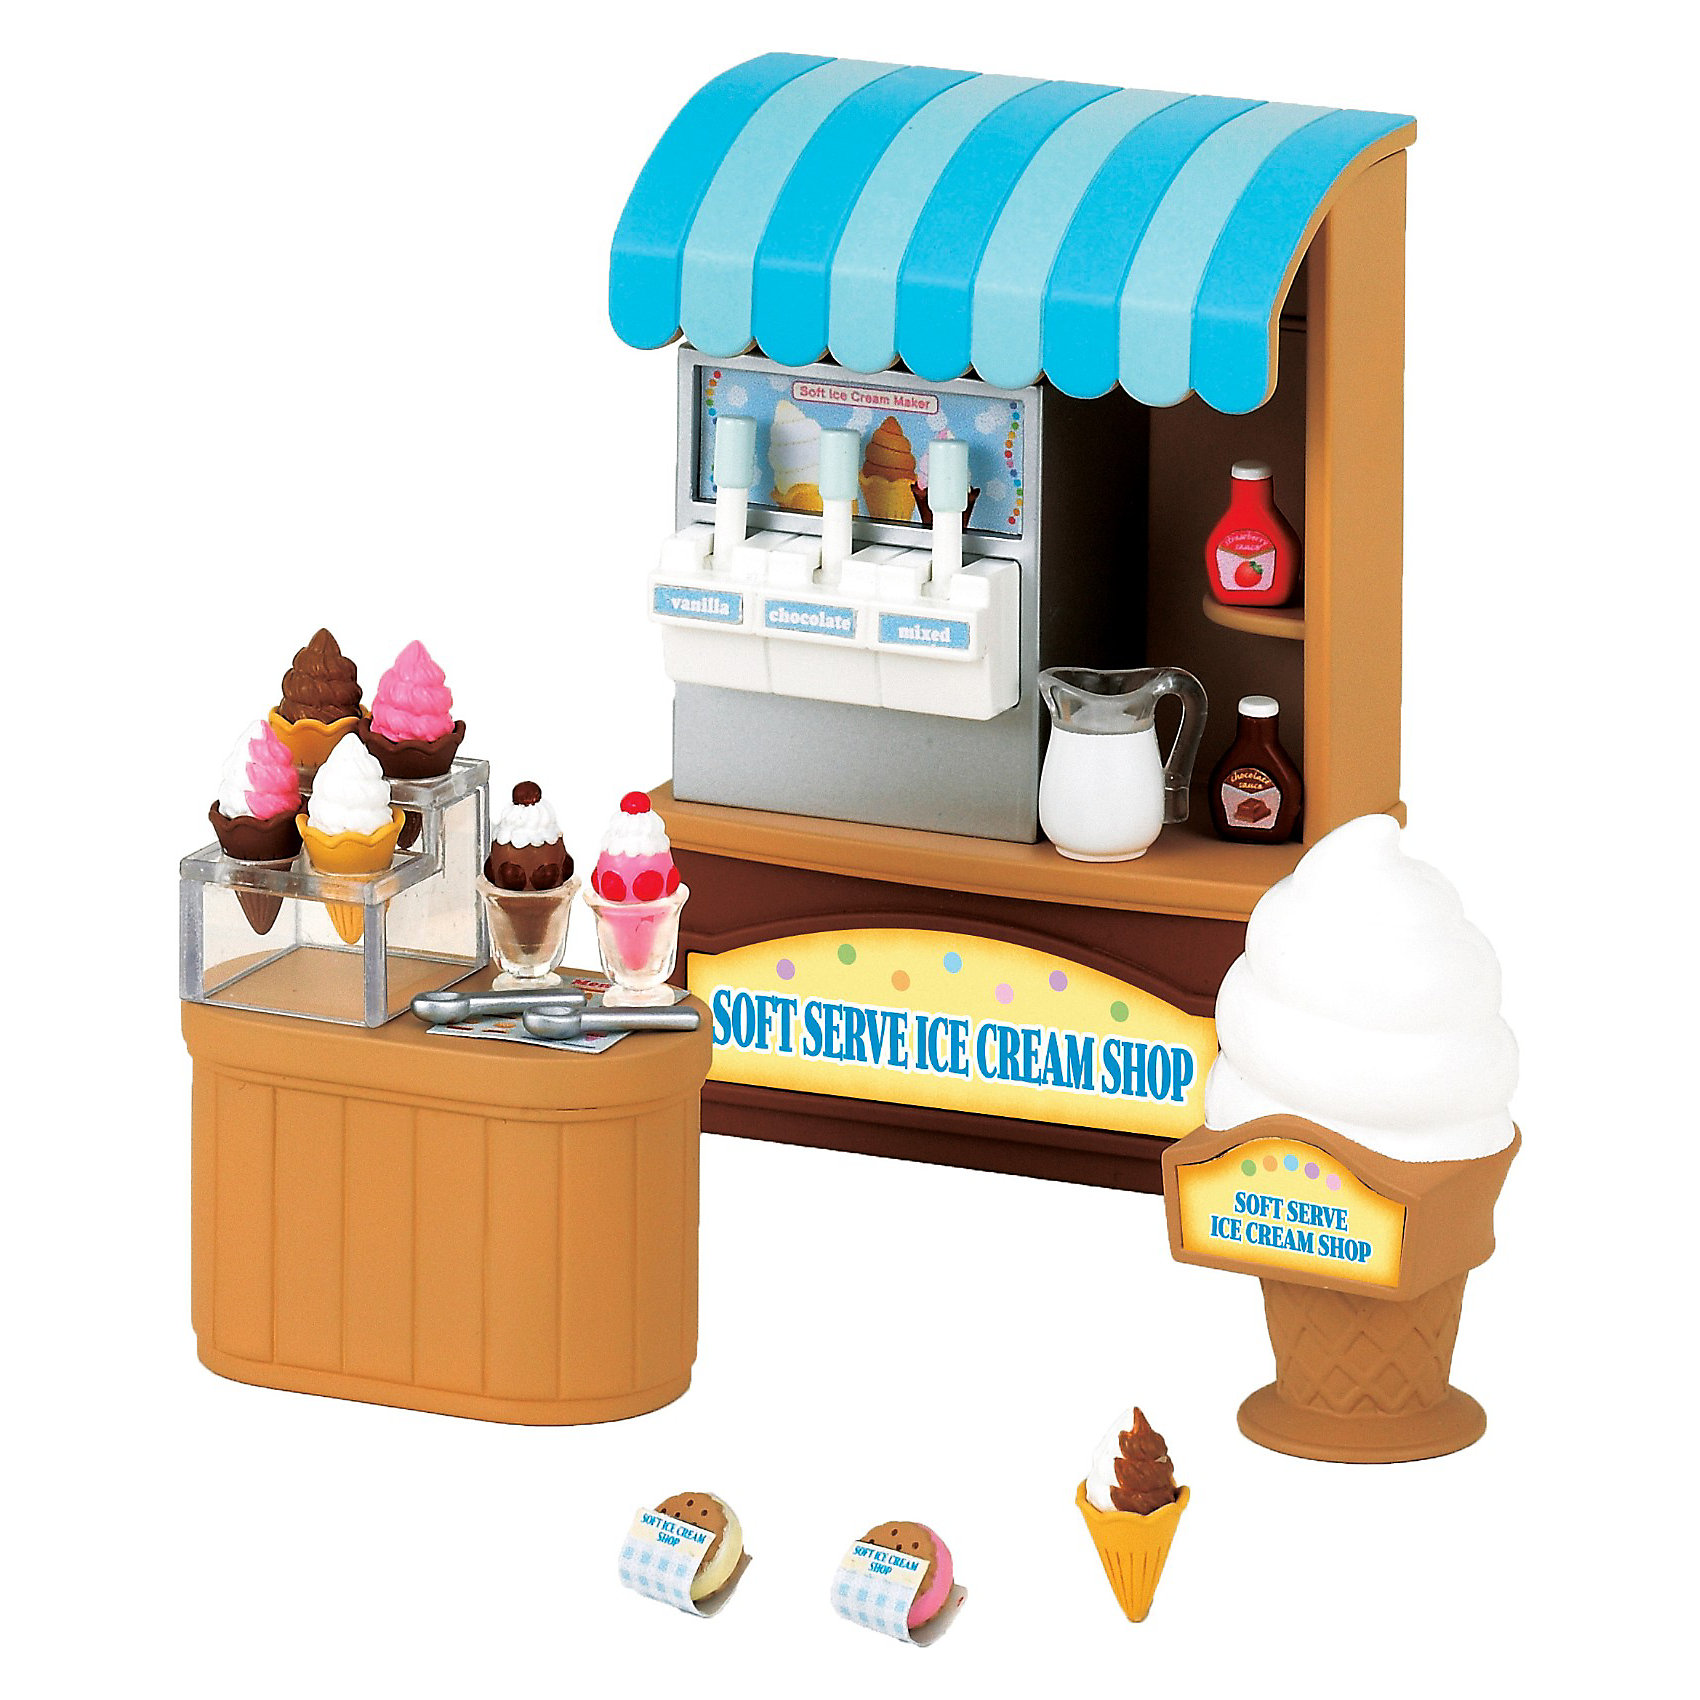 Набор Магазин мороженого, Sylvanian FamiliesSylvanian Families<br>Набор Sylvanian Families (Сильваниан Фэмелис) «Магазин мороженого» - это именно то, что нужно любому городку в стране Сильвания, ведь мороженое любят абсолютно все: и взрослые, и дети. С этим набором никто никогда не будет грустить, мороженое всегда поднимет настроение. С набором Магазин мороженого каждый сможет приготовить мороженое по собственному вкусу. Здесь есть все необходимое для этого: молоко, различные сиропы, специальные приспособления. <br>В набор «Магазин мороженого» входят: витрина, аппарат для приготовления мороженого, прилавок, рекламный стенд, различные виды мороженого, пирожные, сиропы, кувшин с молоком, специальные ложки для мороженого. Игрушка прекрасно разнообразит игры, добавит в них новые сюжеты!<br><br>Дополнительная информация:<br><br>- В наборе: витрина  с встроенным аппаратом для изготовления мороженного, прилавок, 7 видов мороженого, 2 вида пирожных, кувшин с молоком, 2 бутылочки с сиропом, рекламный щит в виде мороженого;<br>- Материал: пластик;<br>- Все детали гипоаллергенны и нетоксичны;<br>- Набор упакован в подарочную коробку;<br>- Фигурки продаются отдельно;<br>- Размер упаковки: 13,5 х 7,6 х 11,8 см;<br>- Вес: 169 г<br><br>Набор Магазин мороженого, Sylvanian Families (Сильваниан Фэмелис) можно купить в нашем интернет-магазине.<br><br>Ширина мм: 131<br>Глубина мм: 119<br>Высота мм: 78<br>Вес г: 171<br>Возраст от месяцев: 36<br>Возраст до месяцев: 72<br>Пол: Женский<br>Возраст: Детский<br>SKU: 3549171